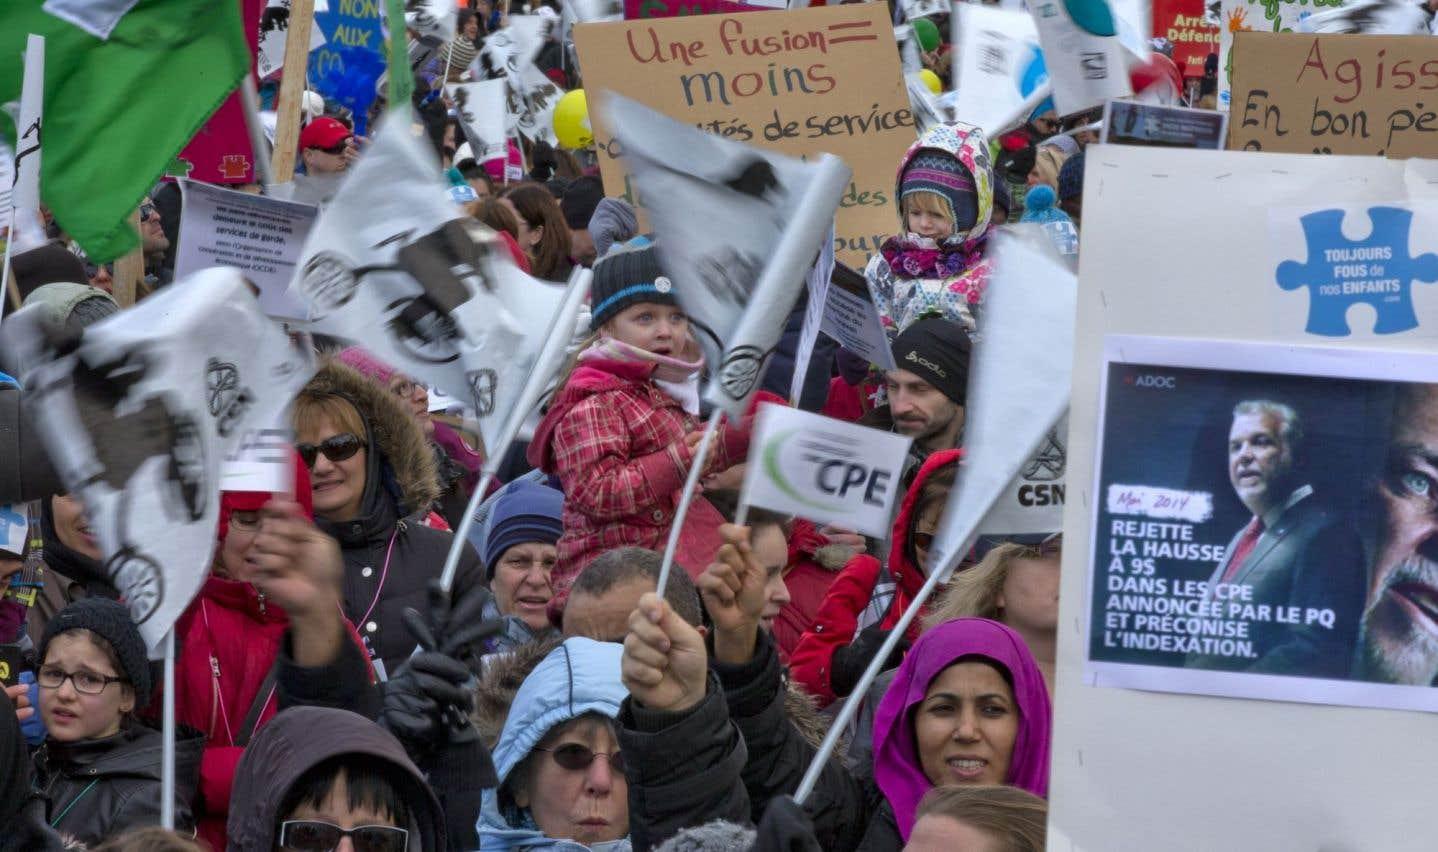 Des milliers de citoyens s'étaient regroupés le 9 novembre dernier pour protester contre la modulation des tarifs de garderie.